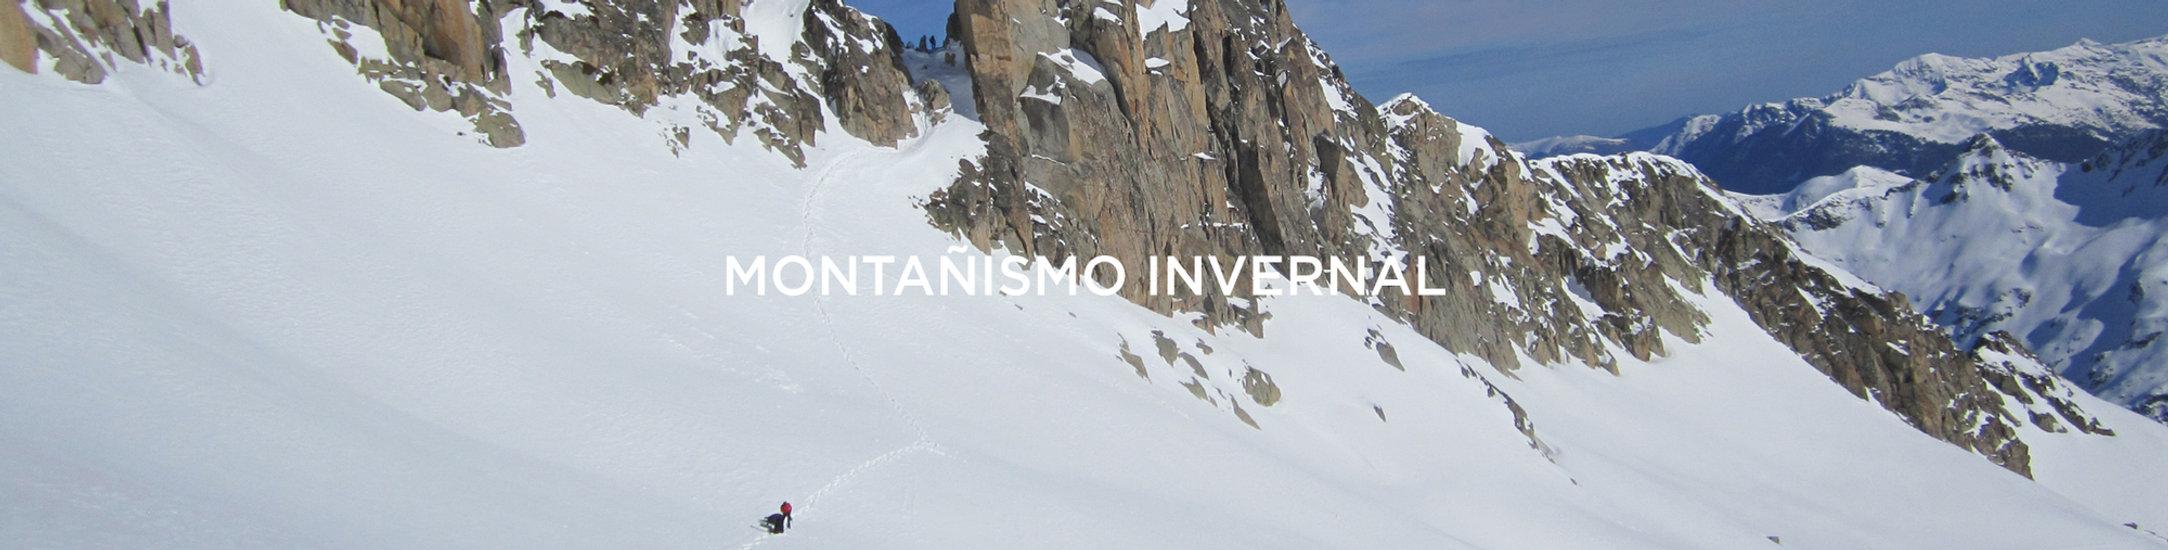 Montañismo invernal formación